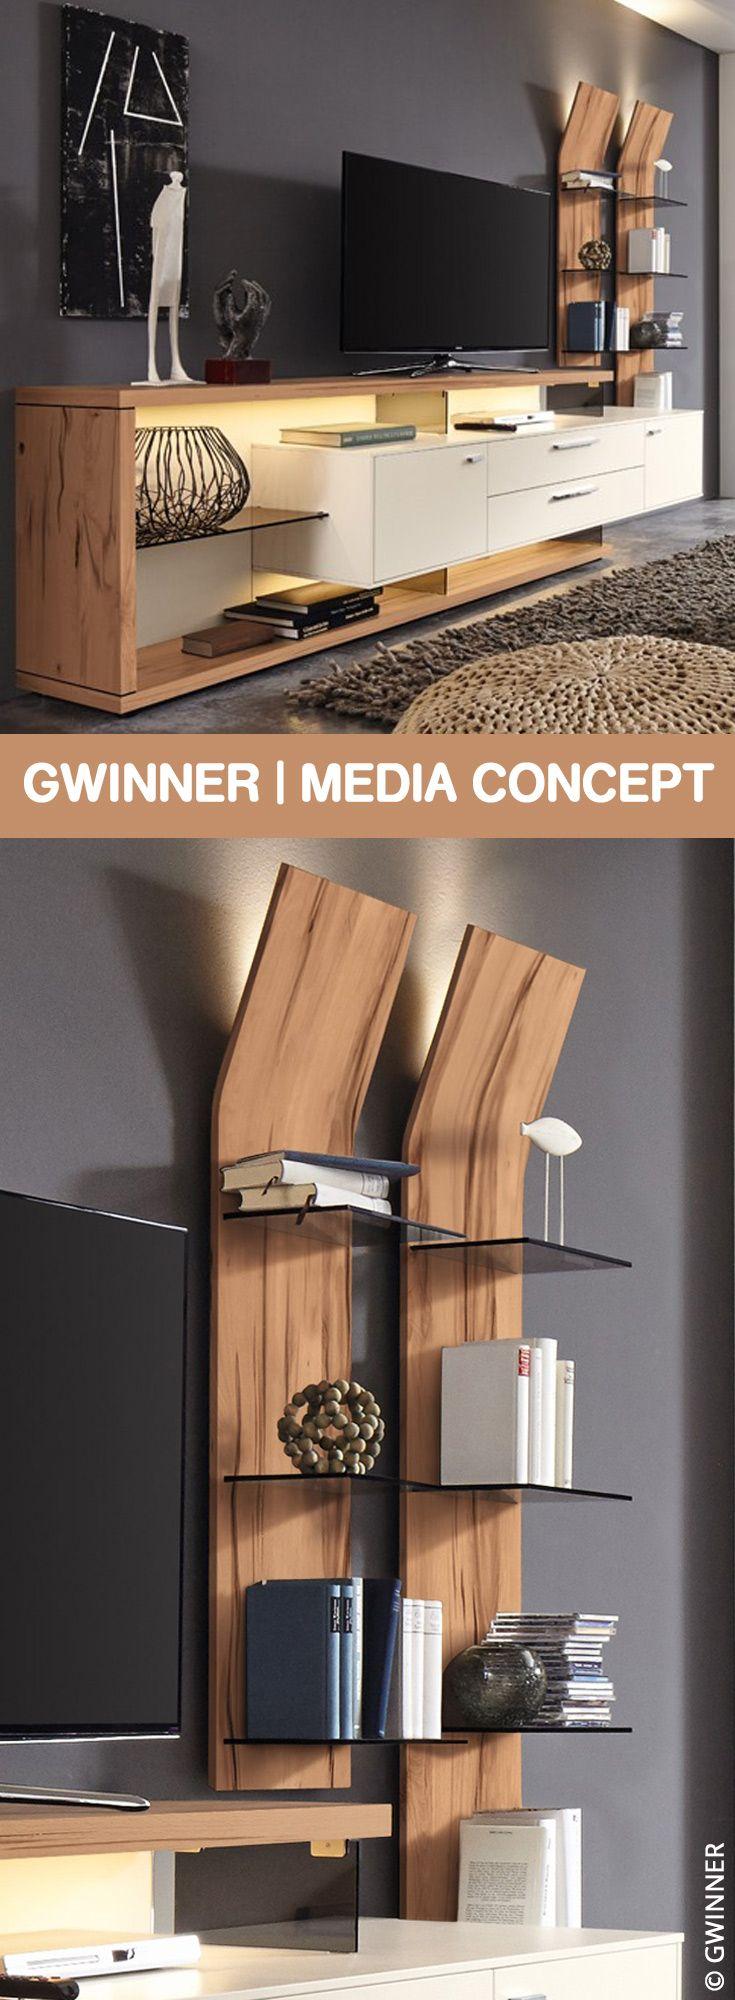 Die moderne wohnwand von gwinner wohndesign aus der concept media überzeugt mit tollen funktionen und einer